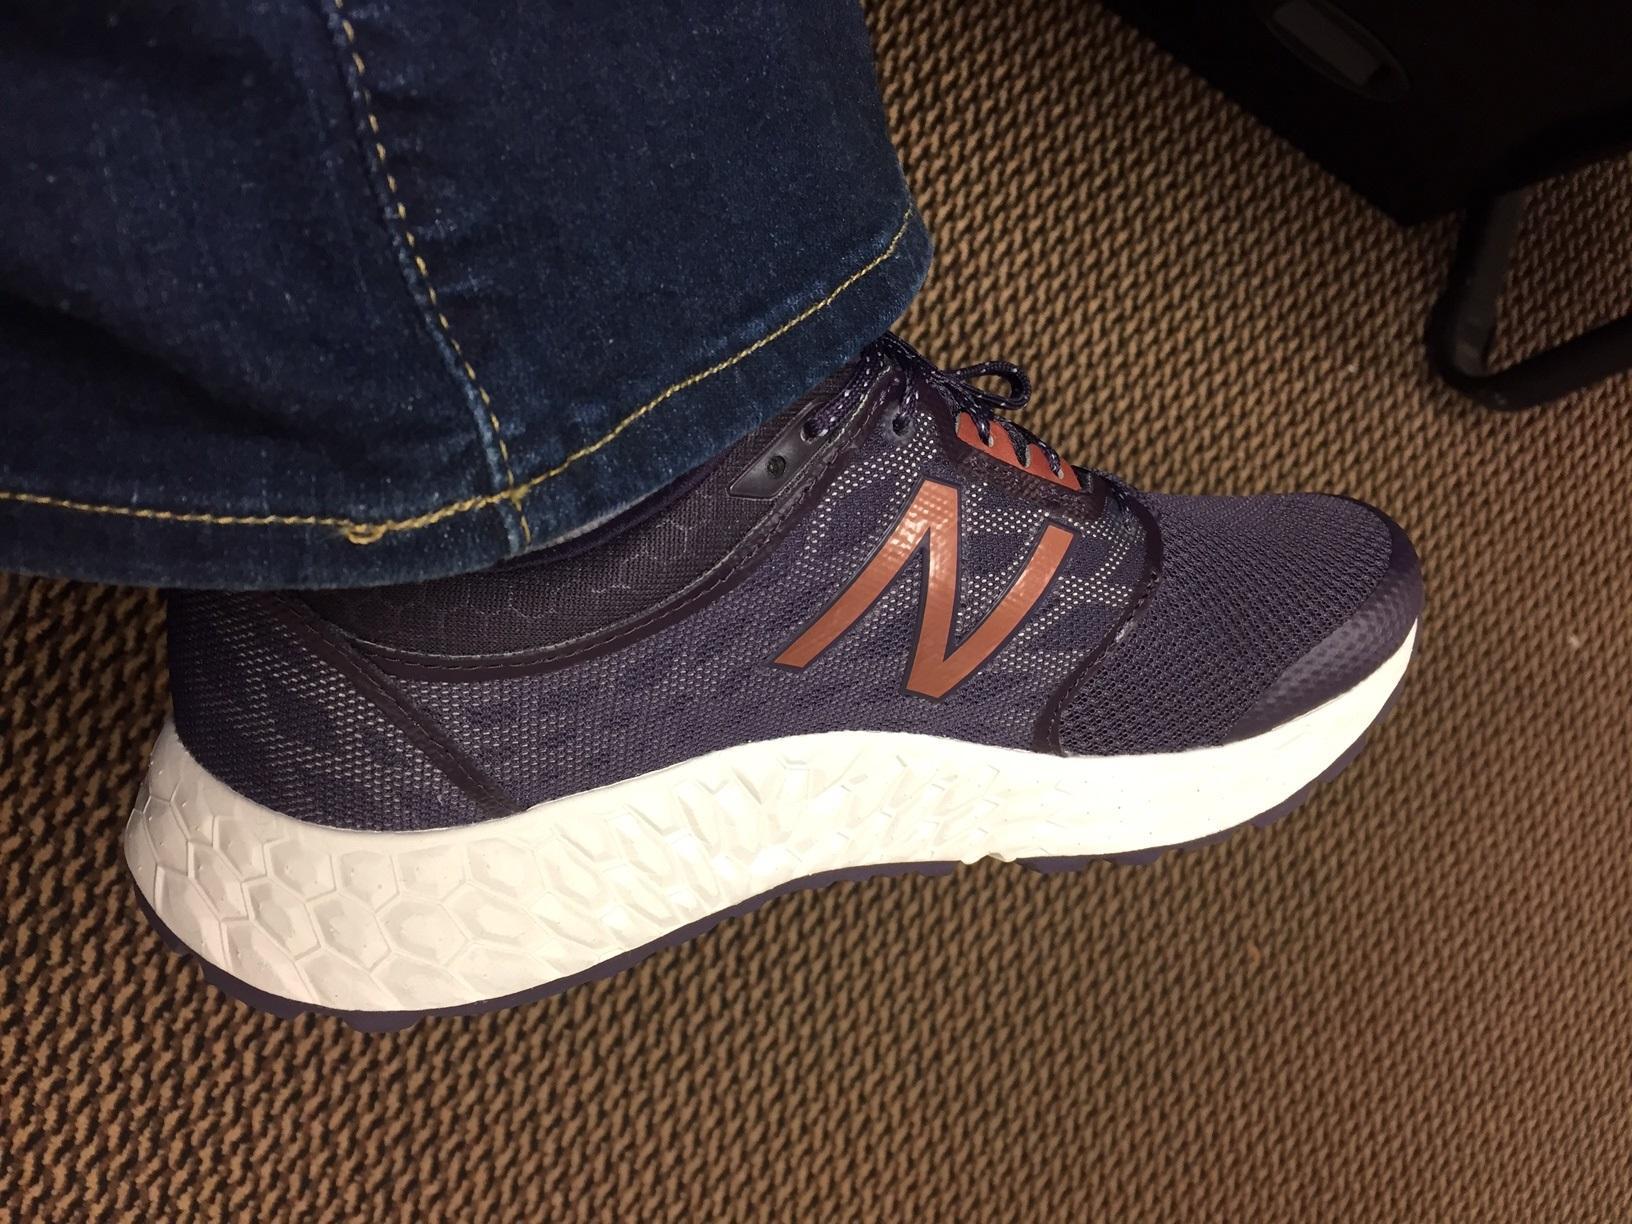 New Balance 1165v1 | Zappos.com